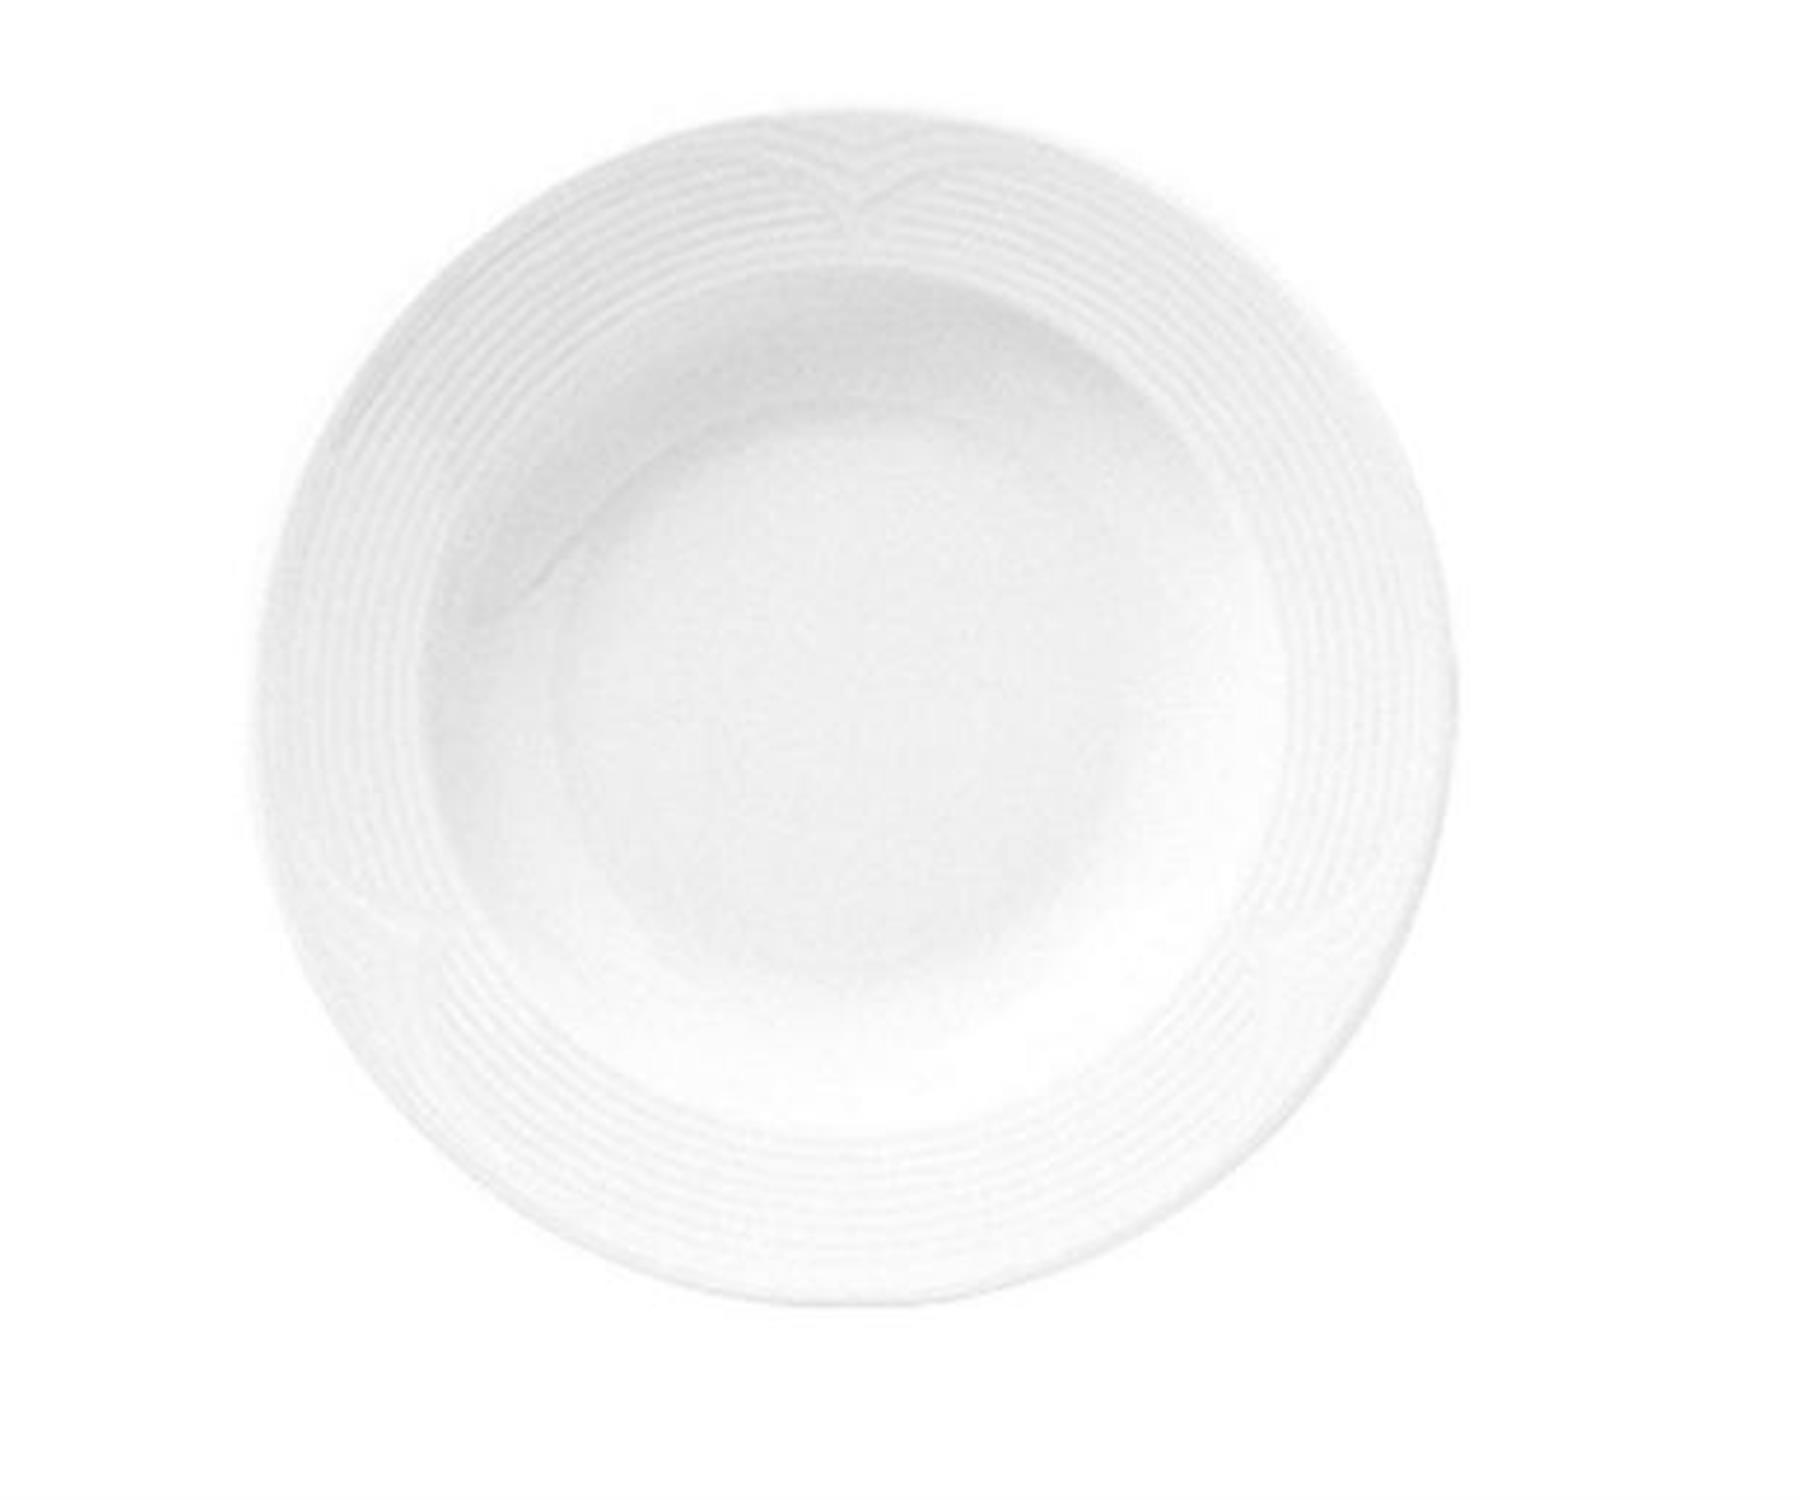 Βαθύ πιάτο πορσελάνινο SATURN 23cm